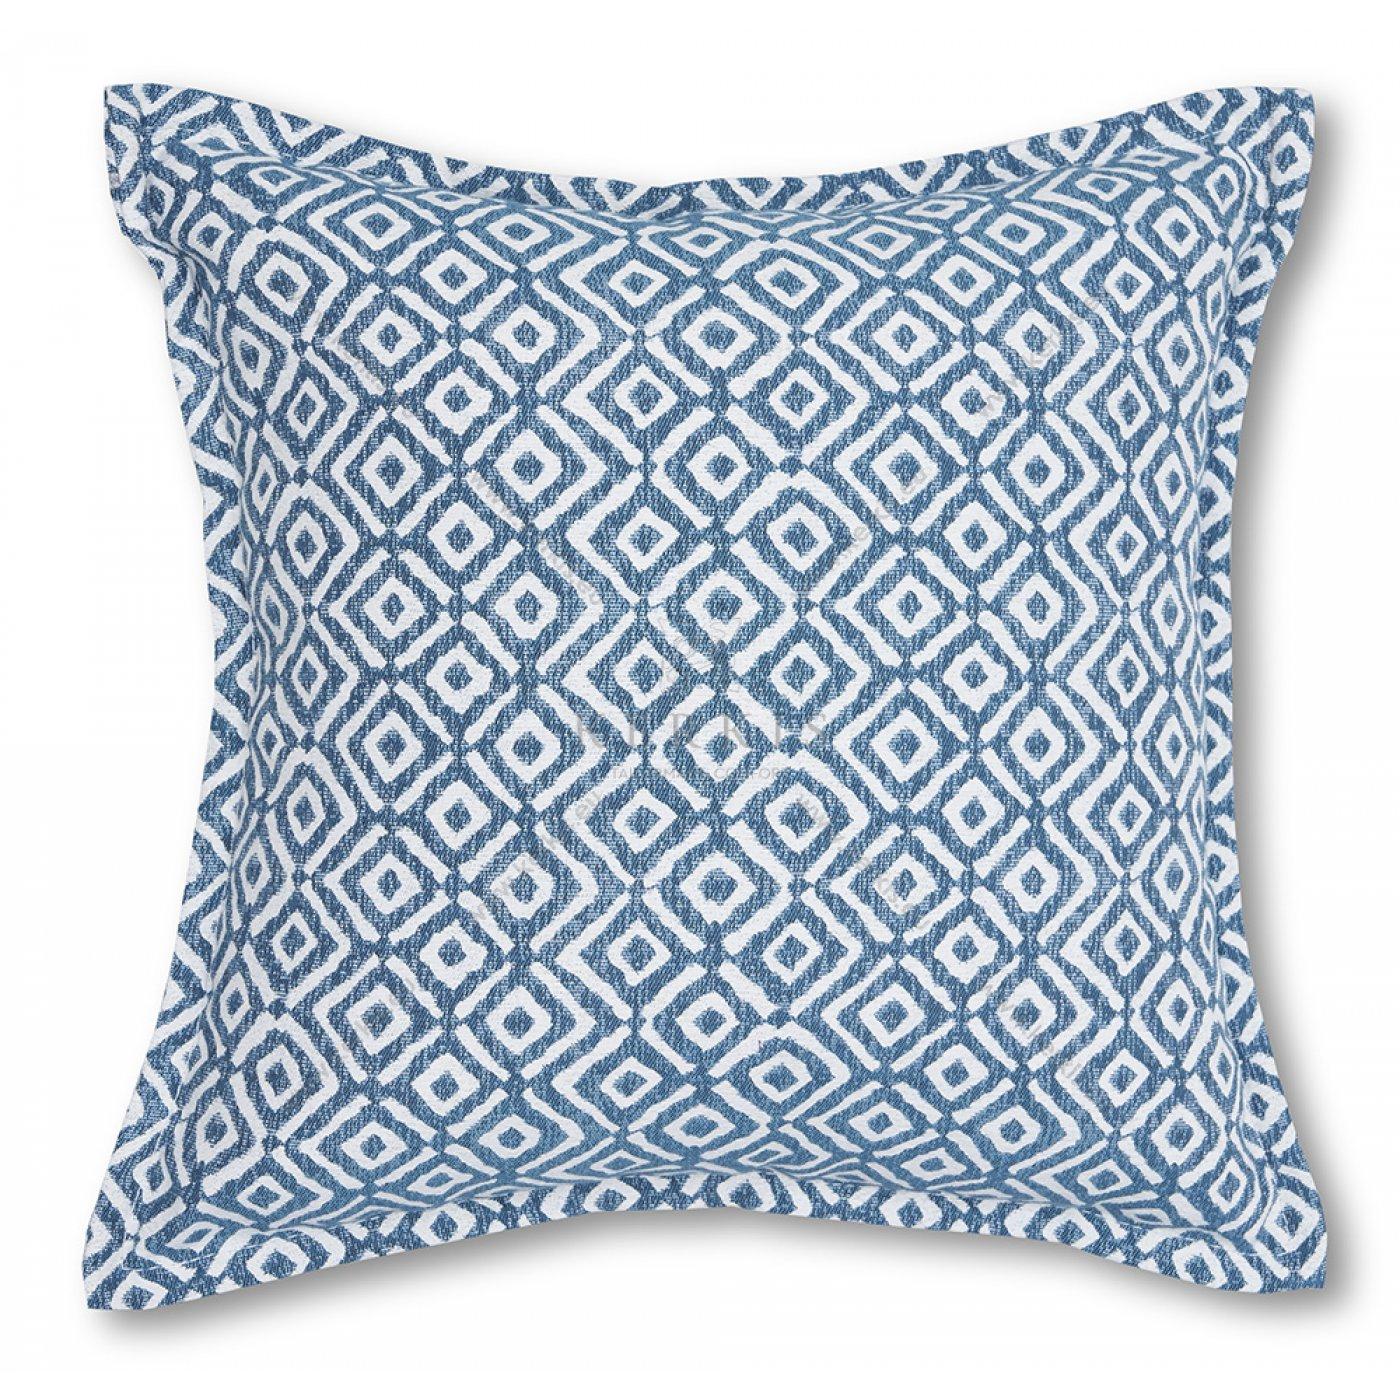 Διακοσμητικό μαξιλάρι καναπέ, χρώμα μπλε, ρόμβος